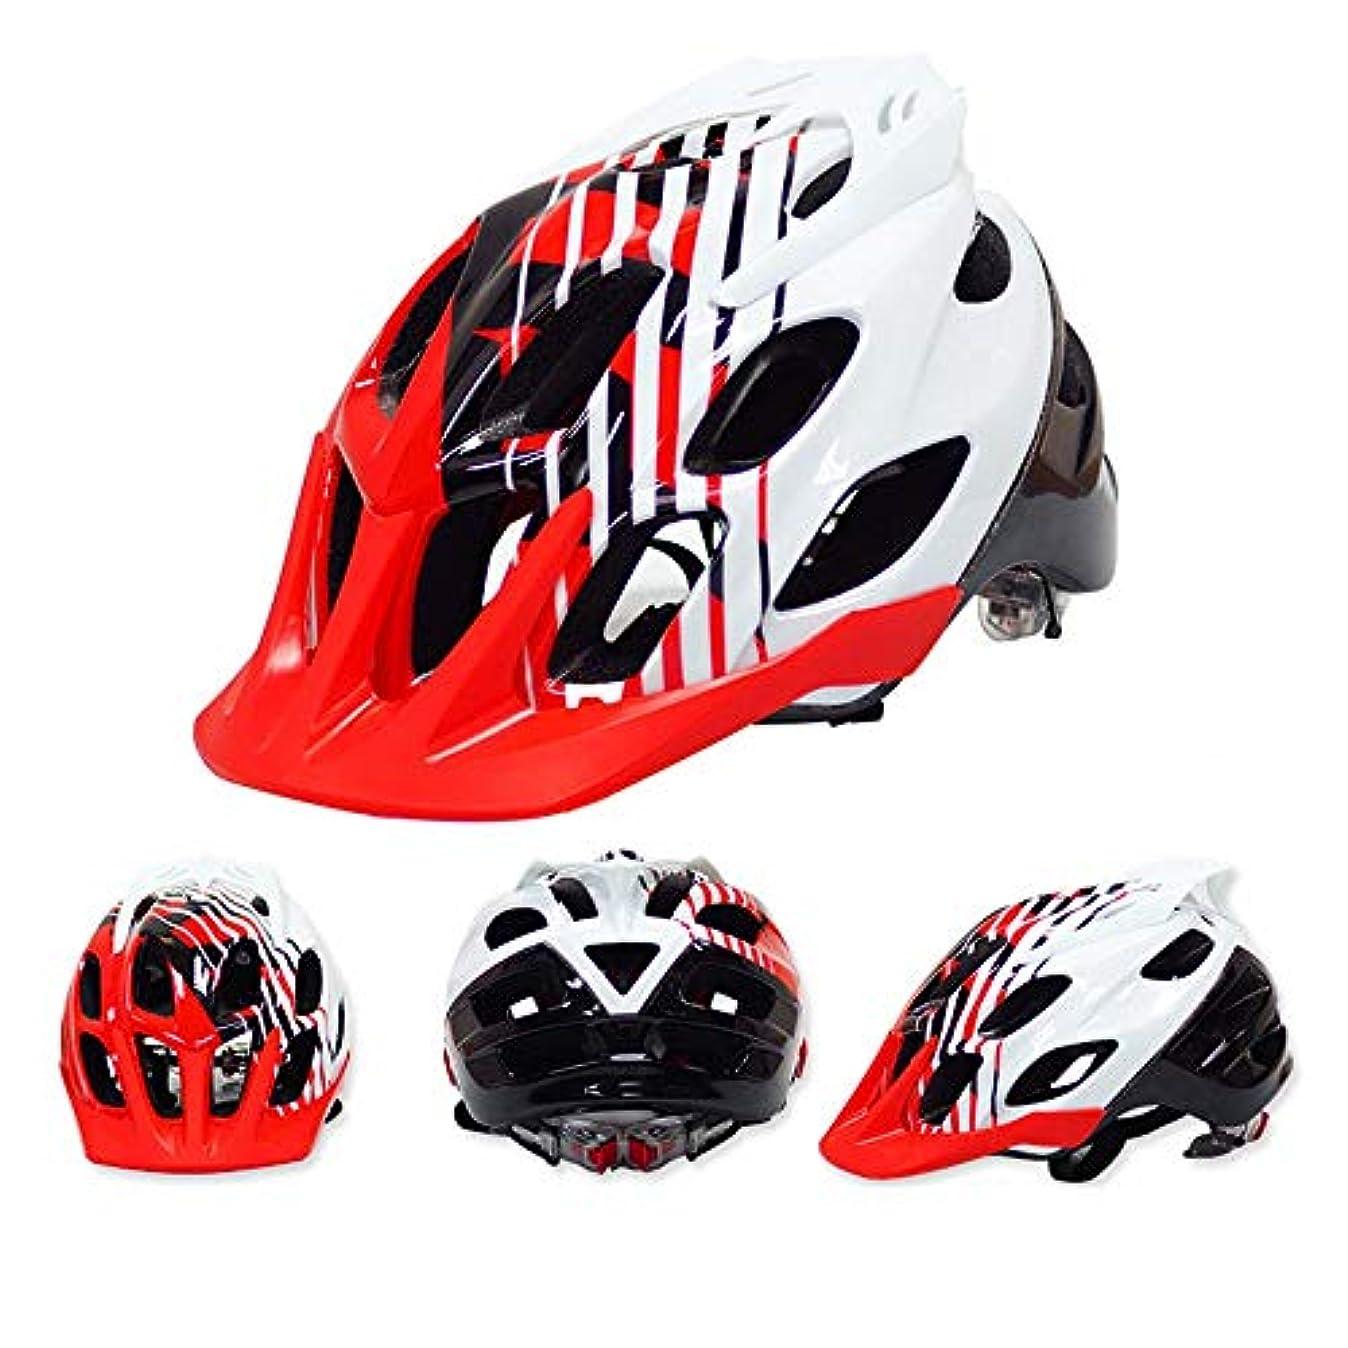 セージマークダウン解放HYH 男性と女性の ヘルメットマウンテンライディングヘルメット自転車ヘルメットマウンテンバイクヘルメット いい人生 (Color : Red White)